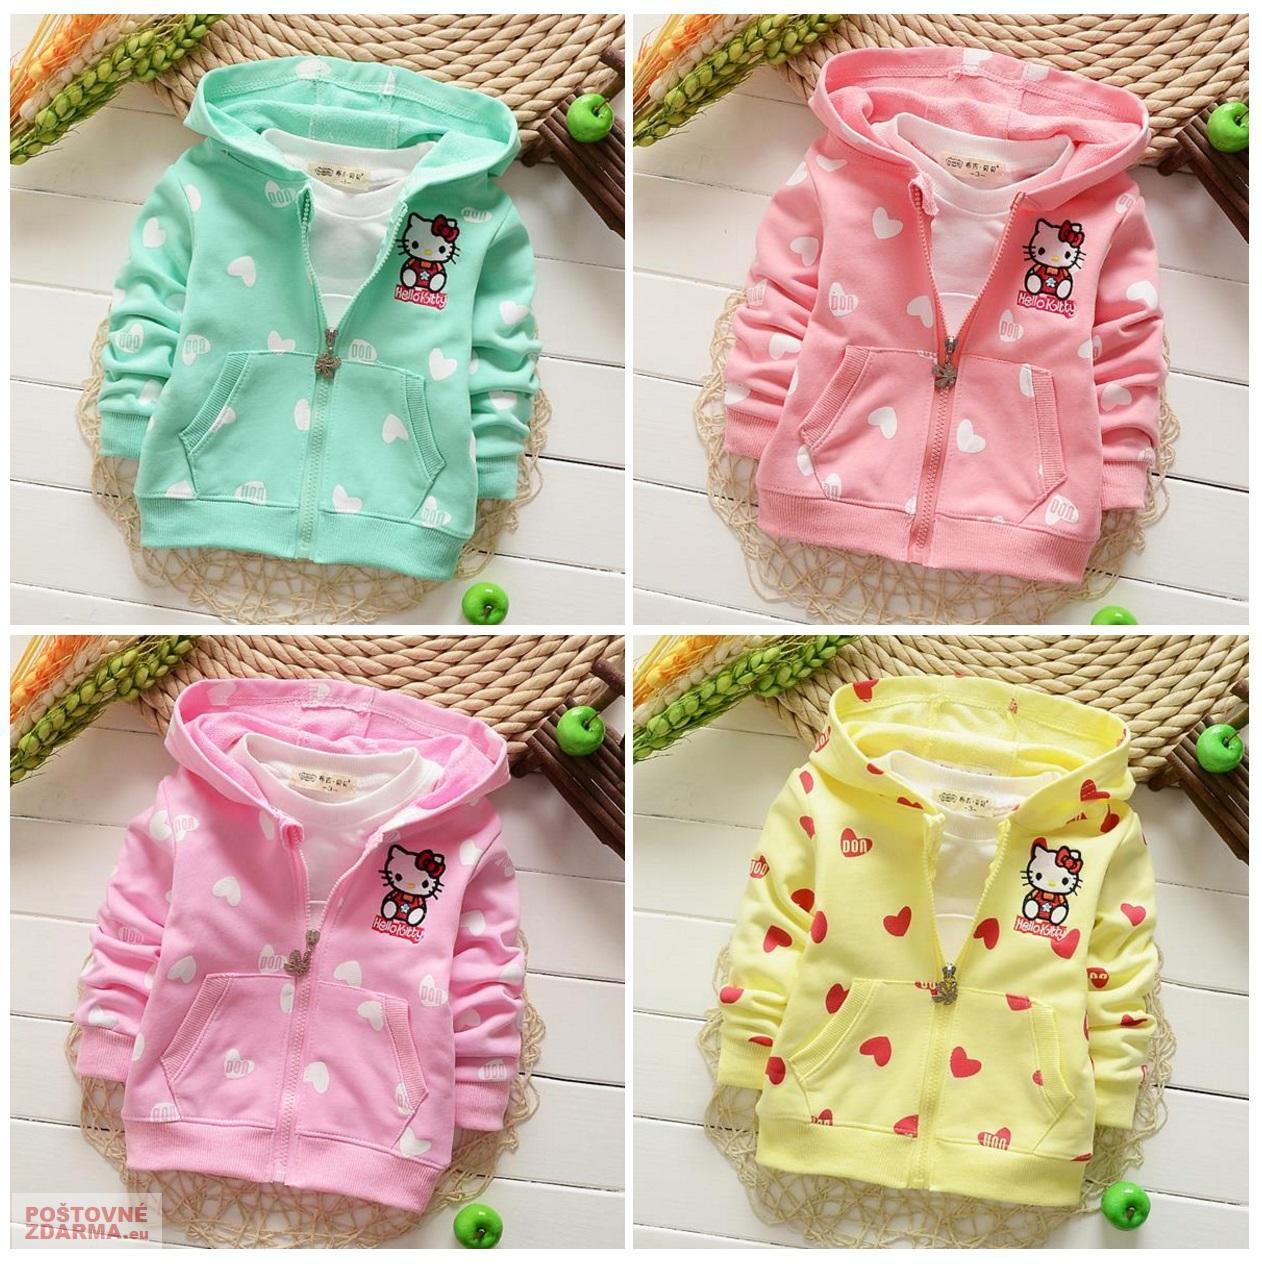 Dětská mikina - Hello Kitty / dnk-13-01243